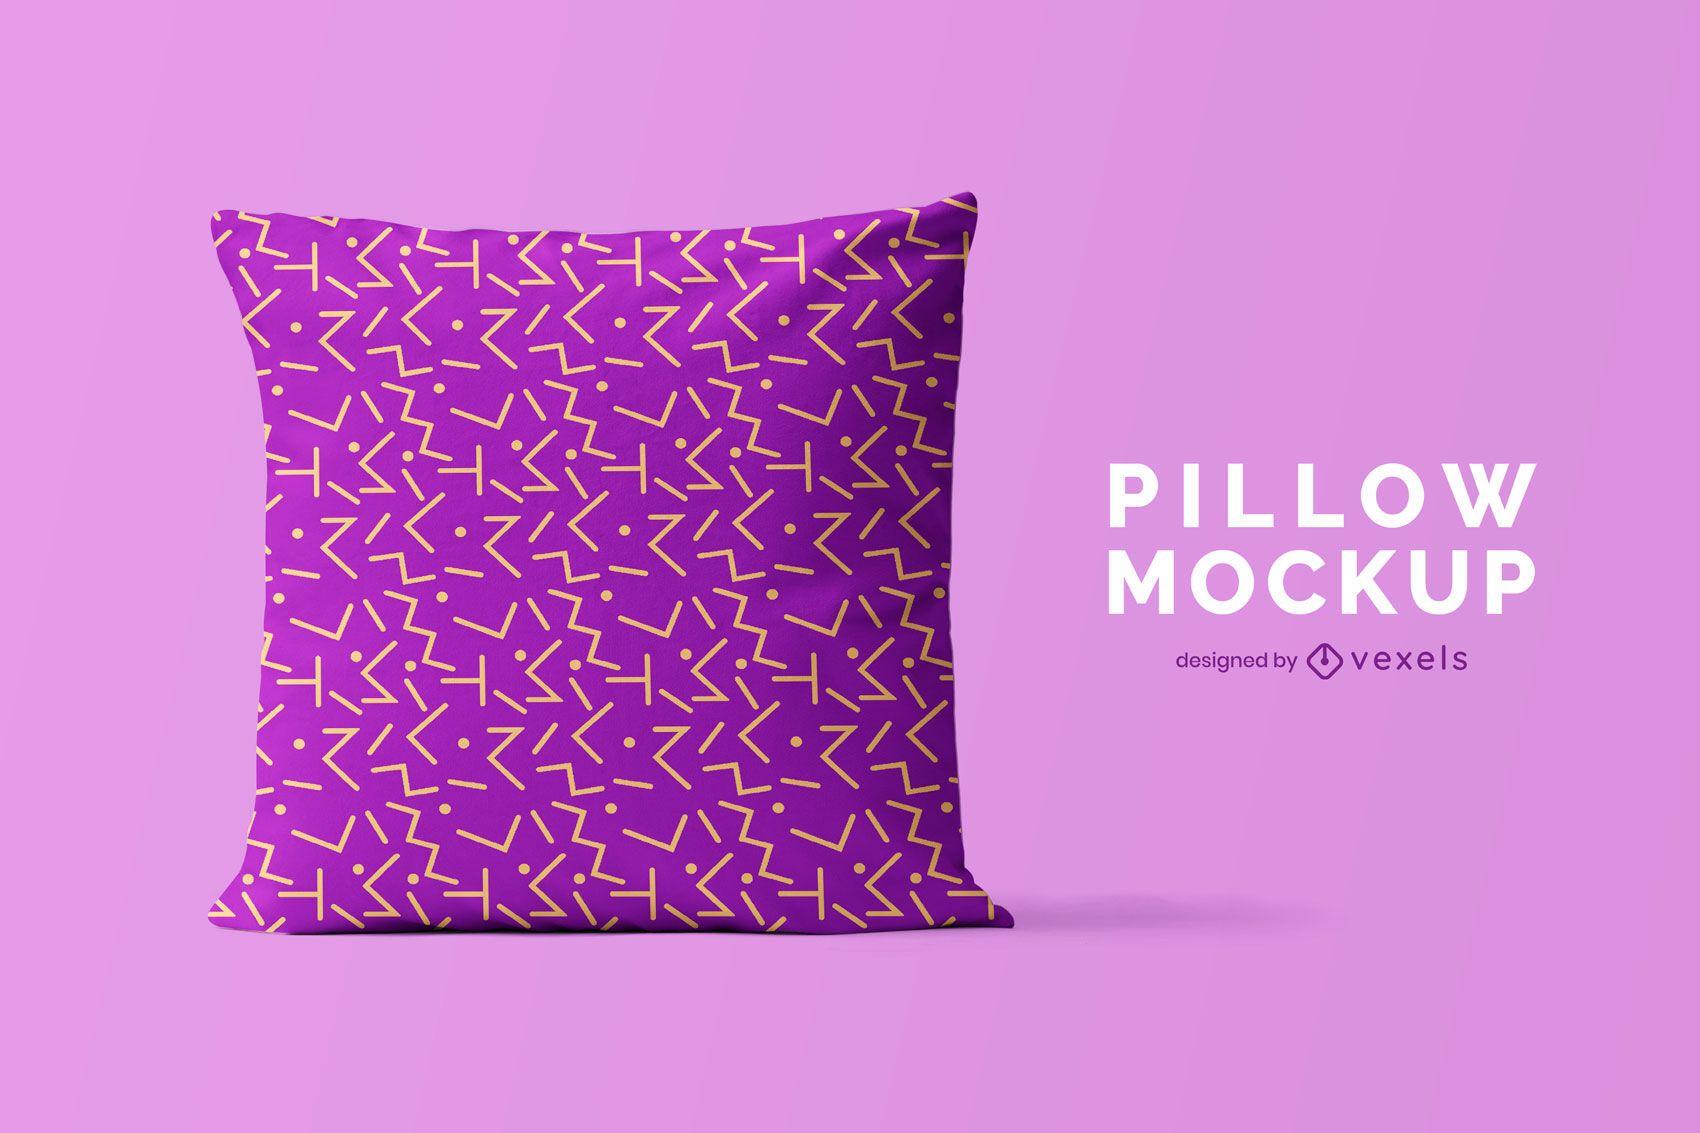 Diseño de maqueta de almohada psd